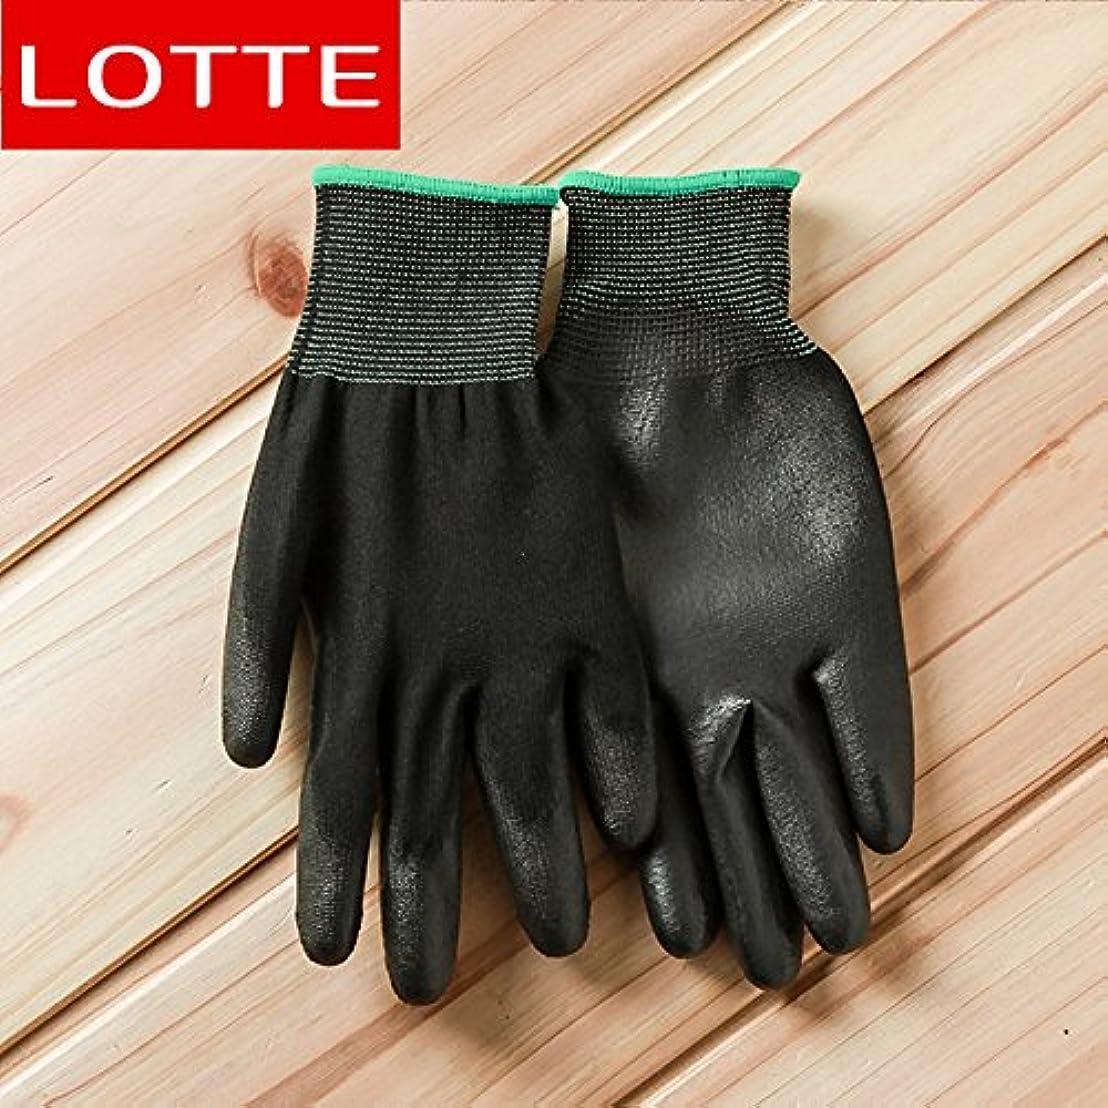 気づく先見の明マイコンVBMDoM ロッテのPUパームコーティング作業手袋(黒/中型) x 5個 [並行輸入品]